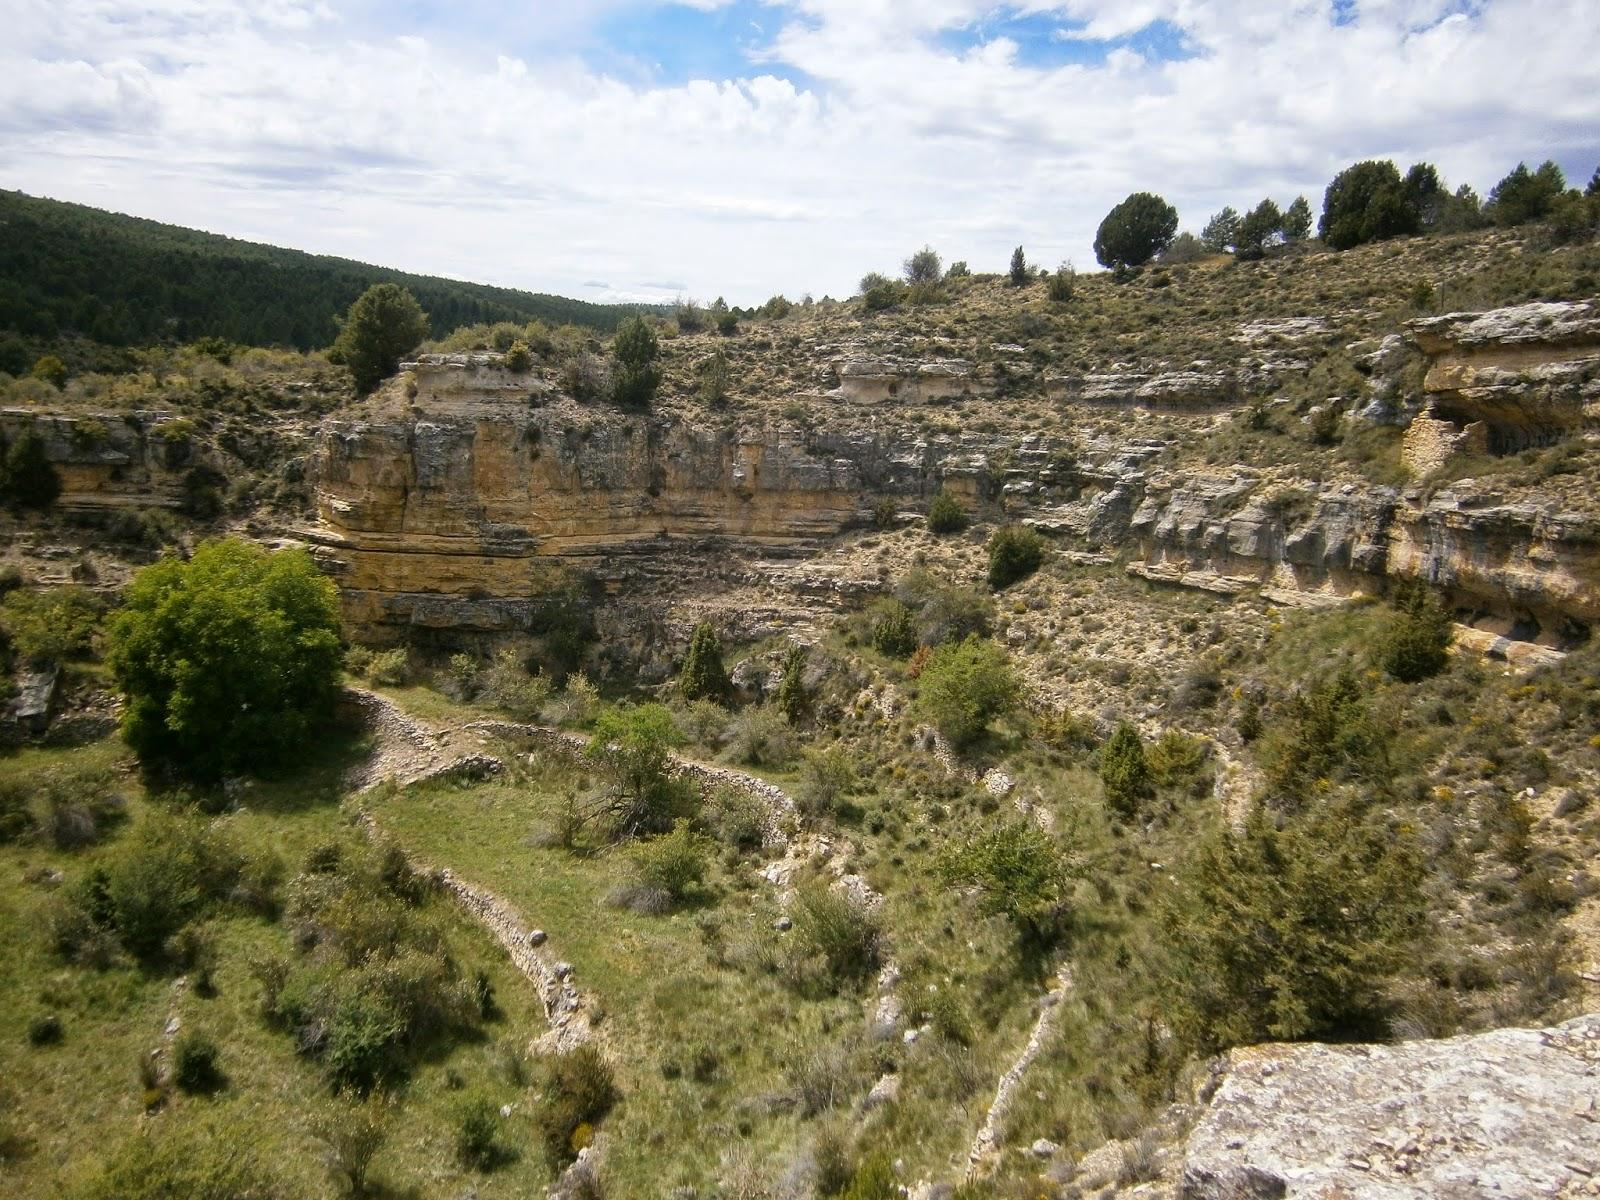 Dolina del Cañigral, Albarracin (Teruel)